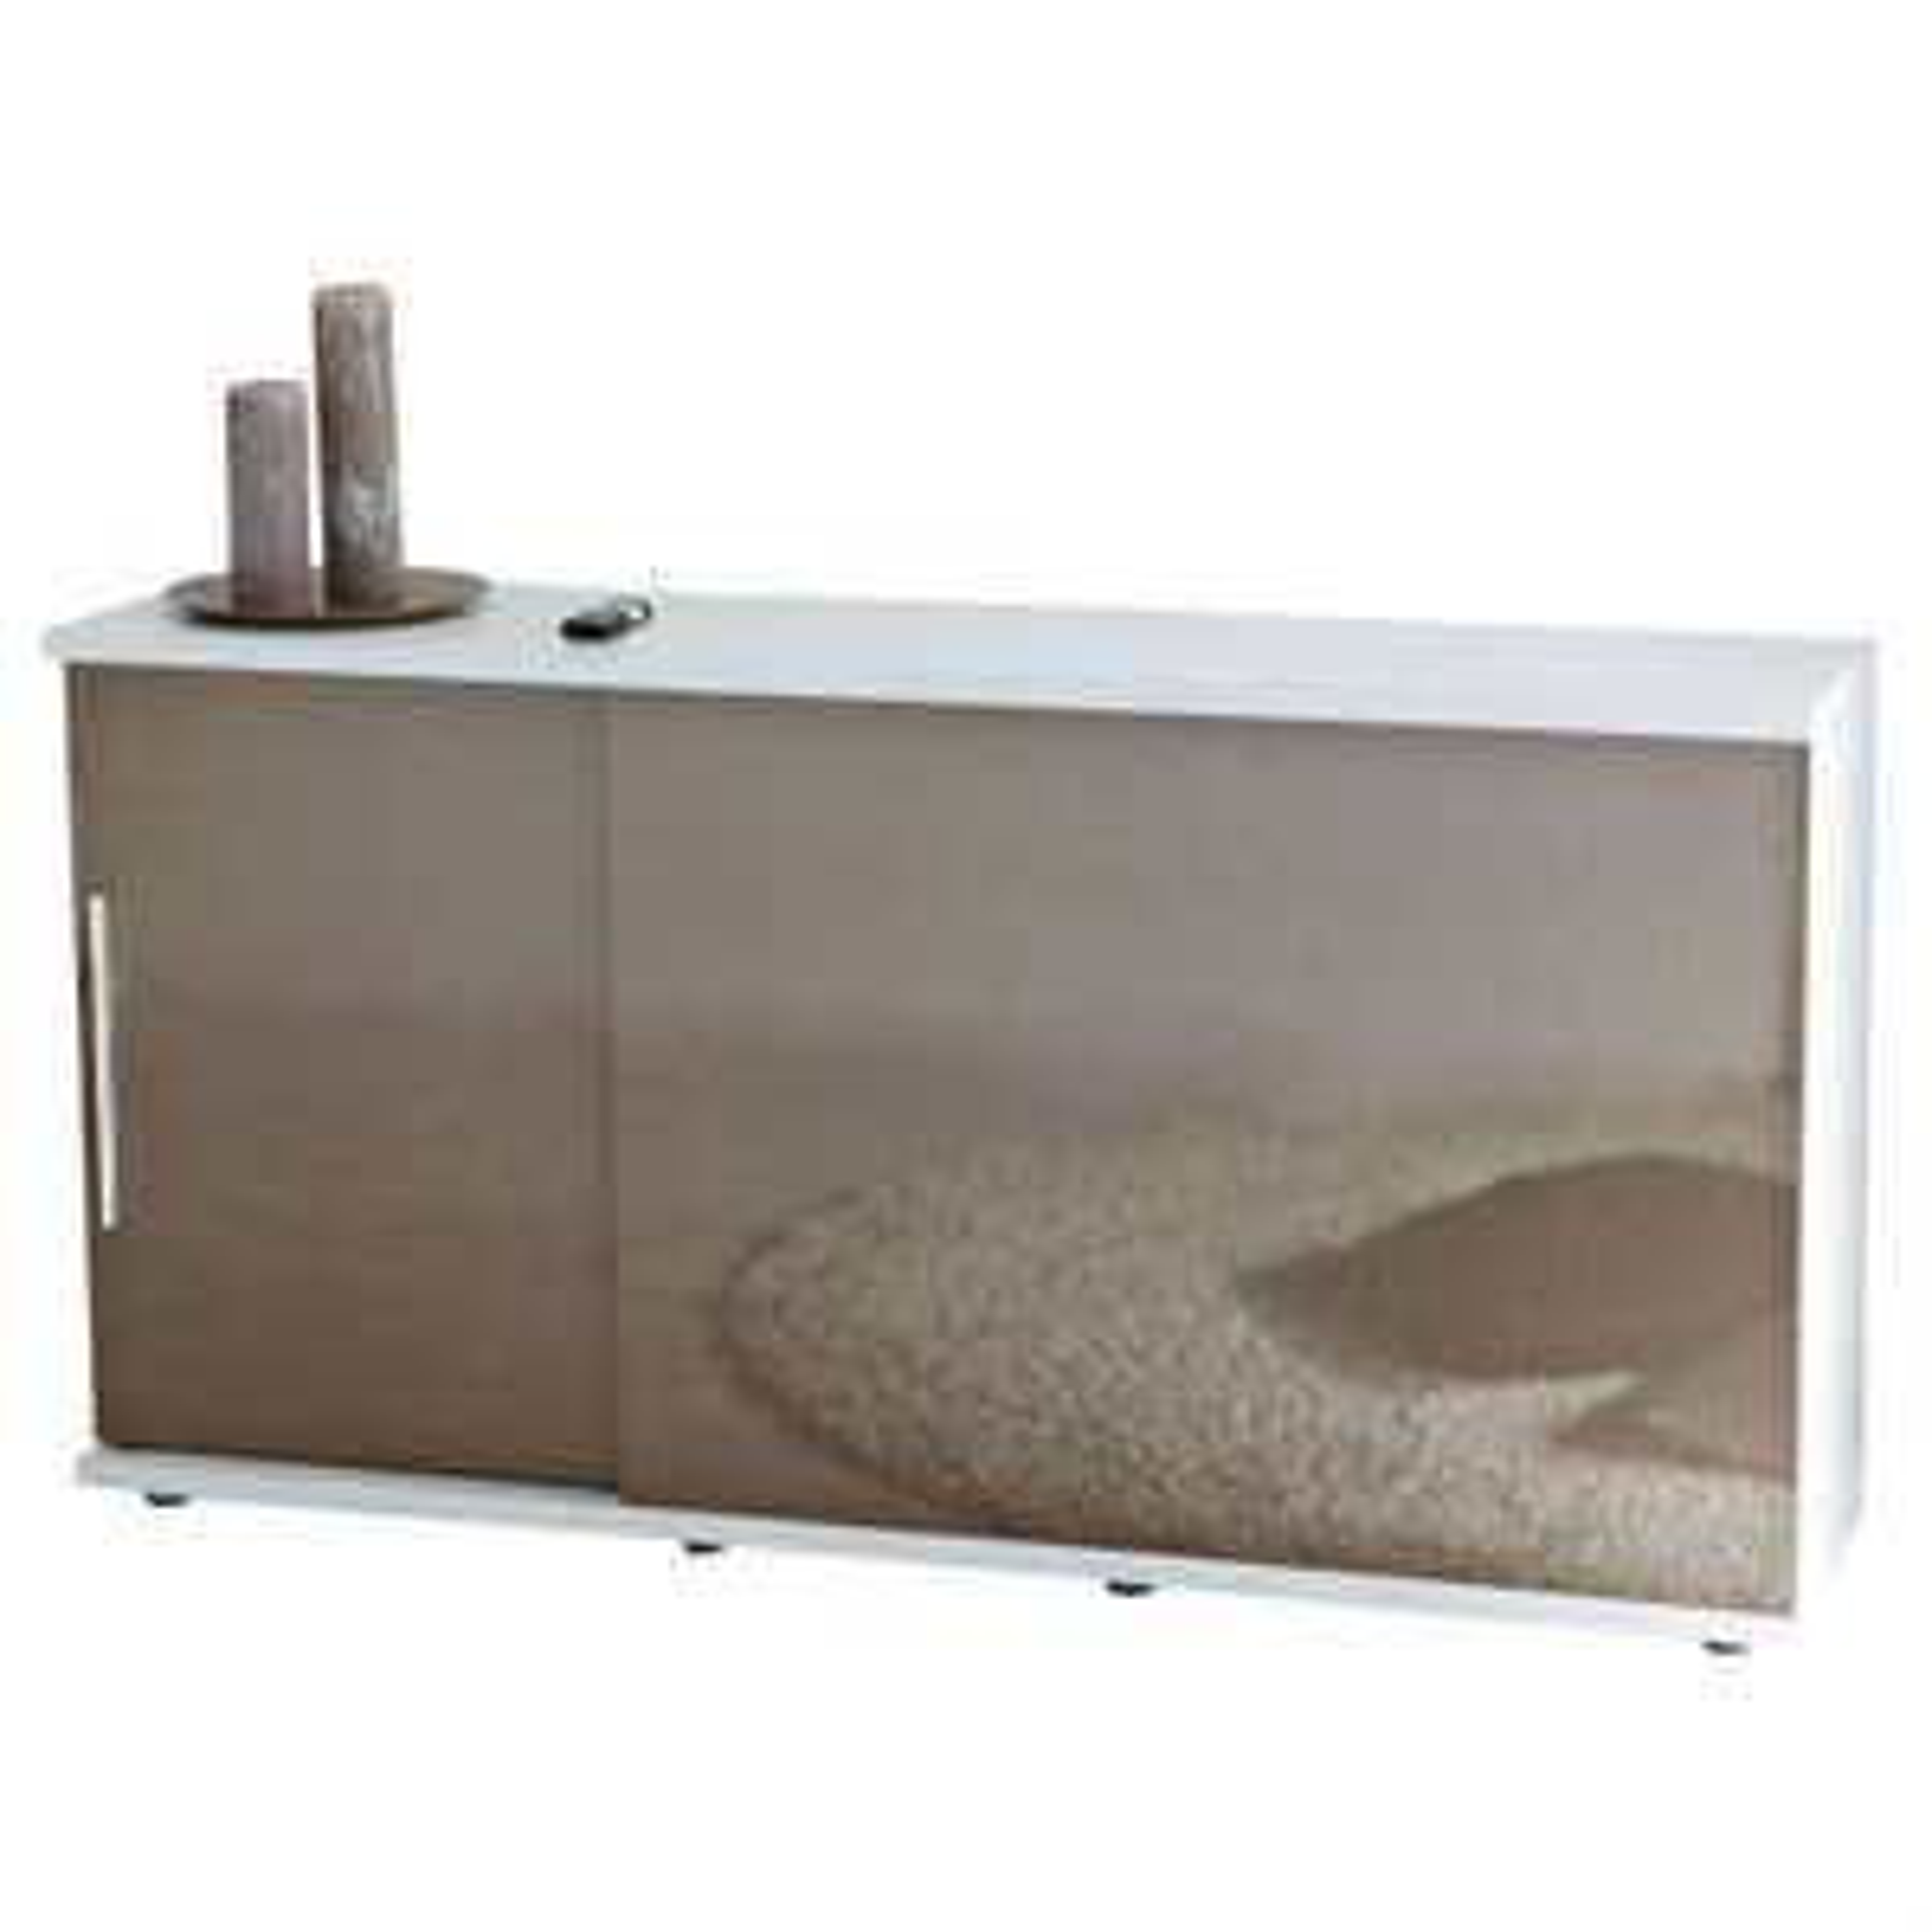 Buffet cache-TV électrique – Dealabs.com